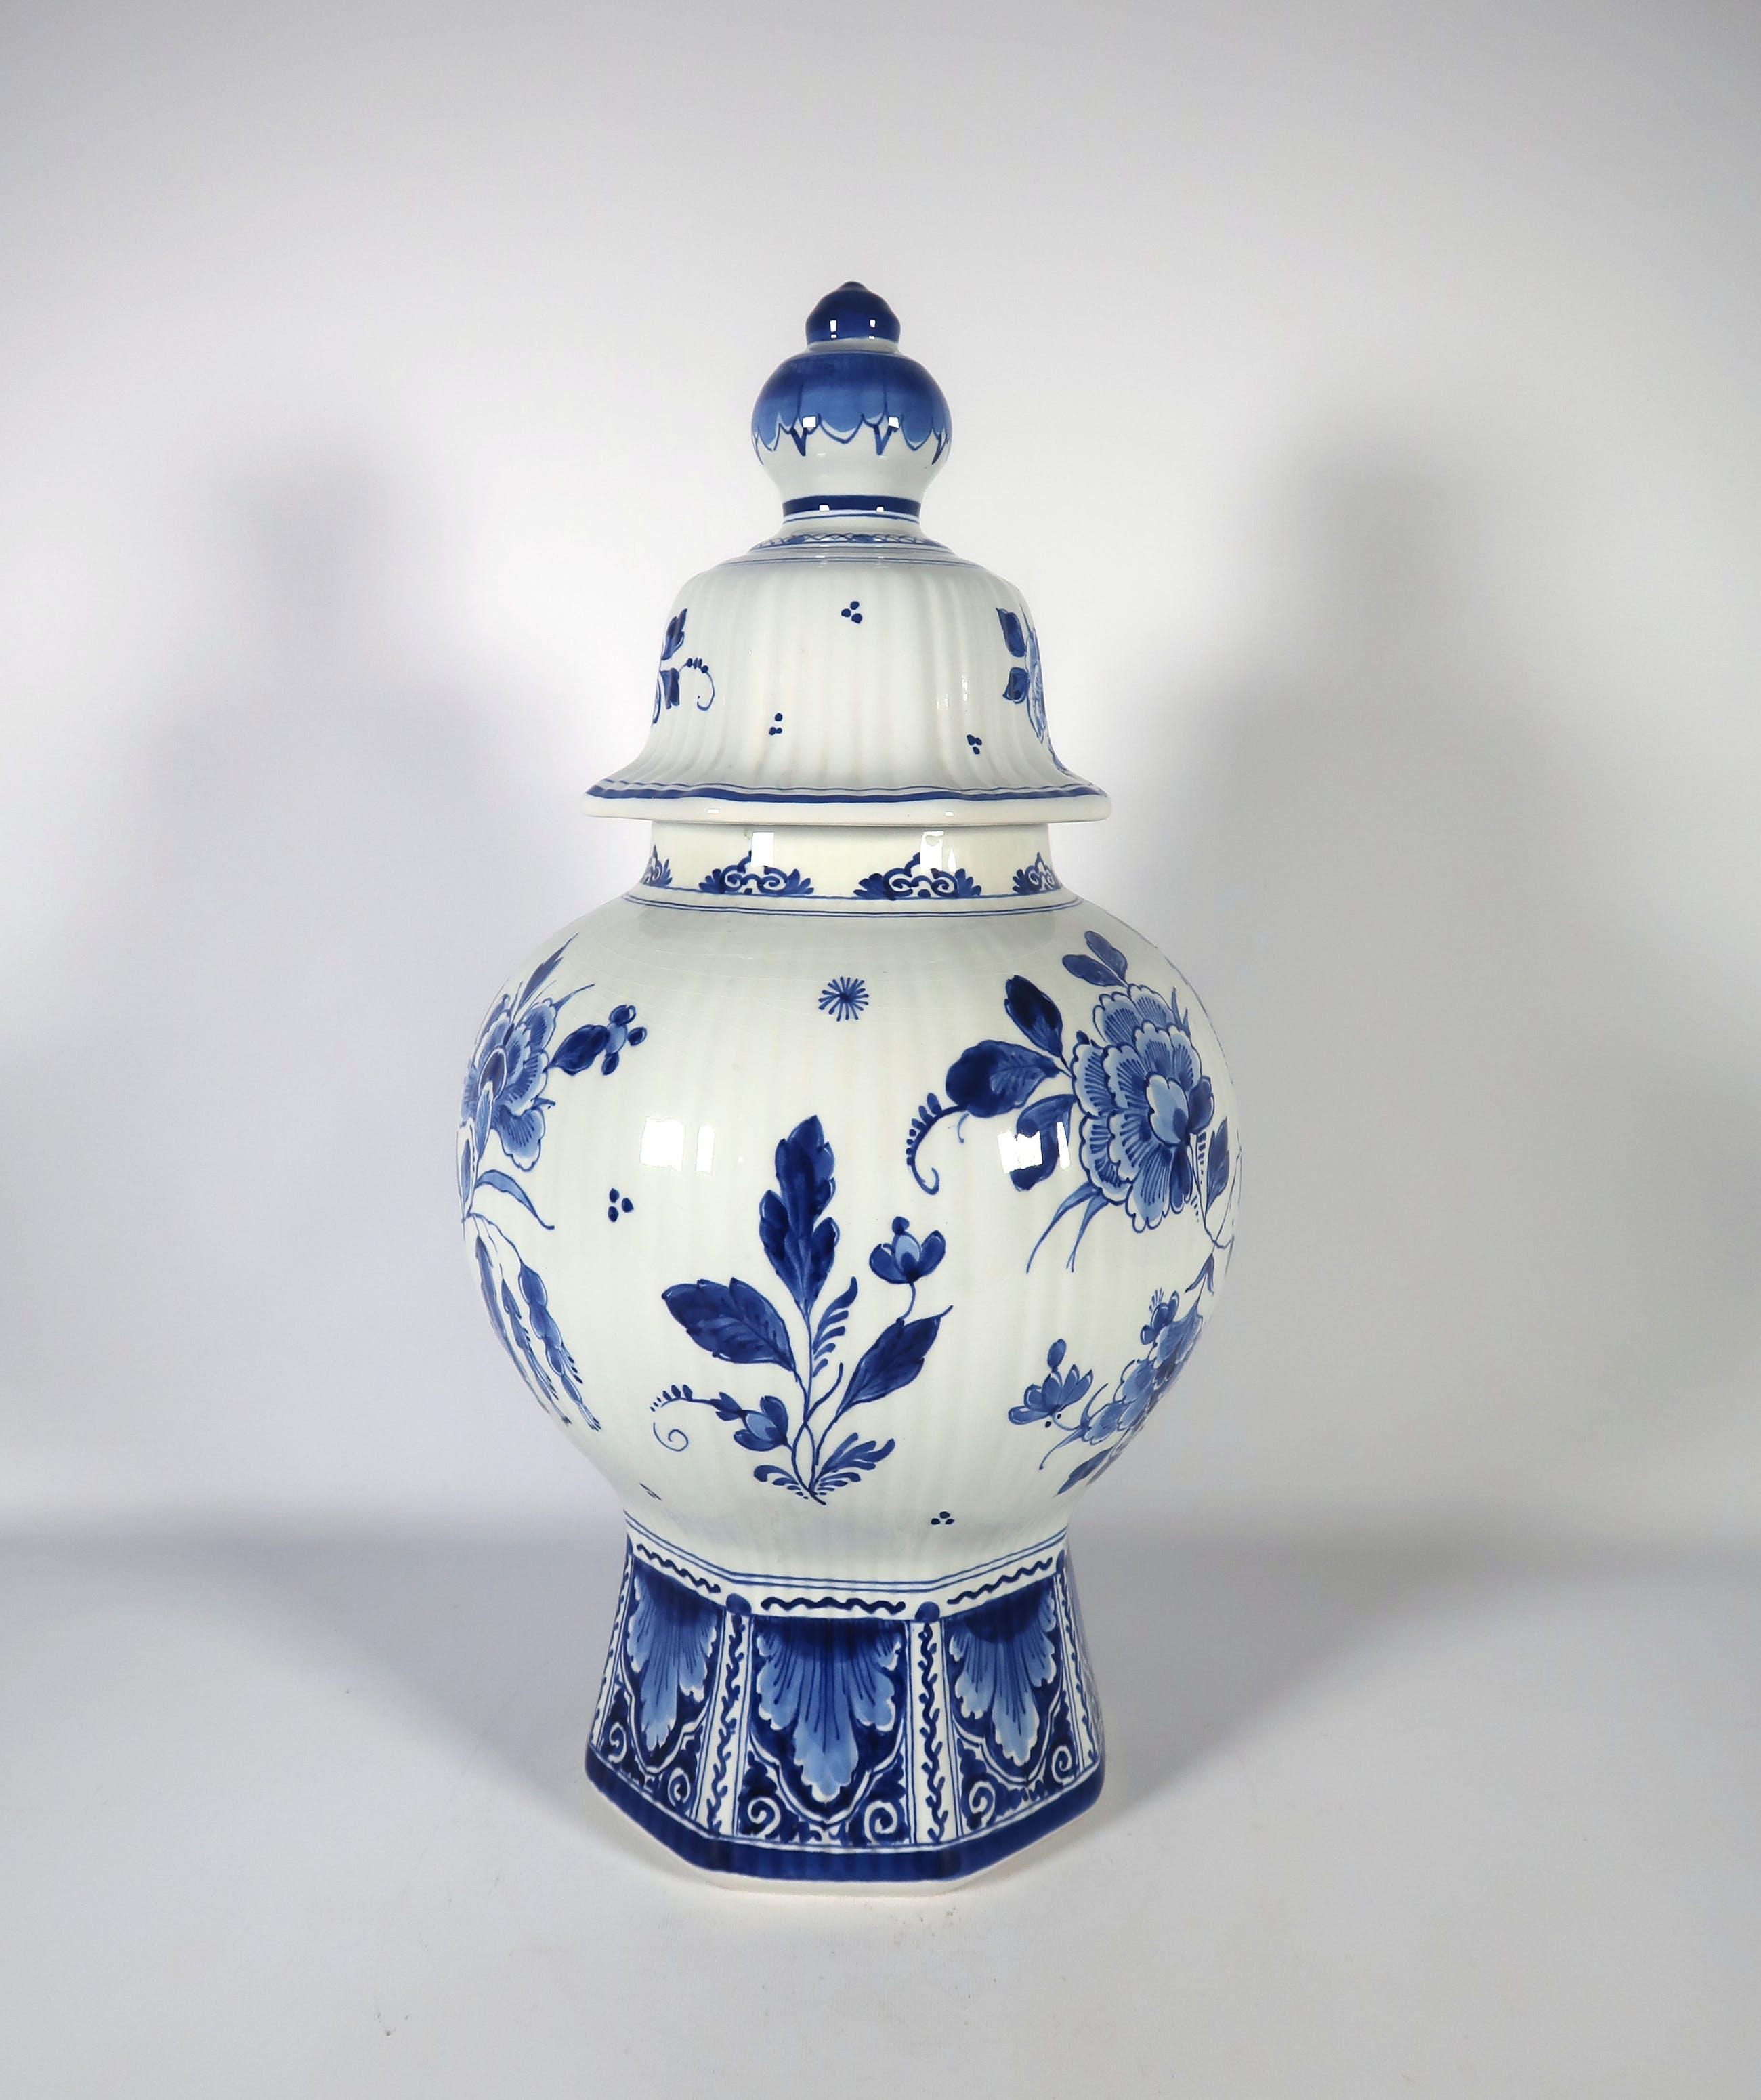 Beste Porceleyne Fles (Royal Delft) - Aardewerk, Dekselvaas verkocht WN-97